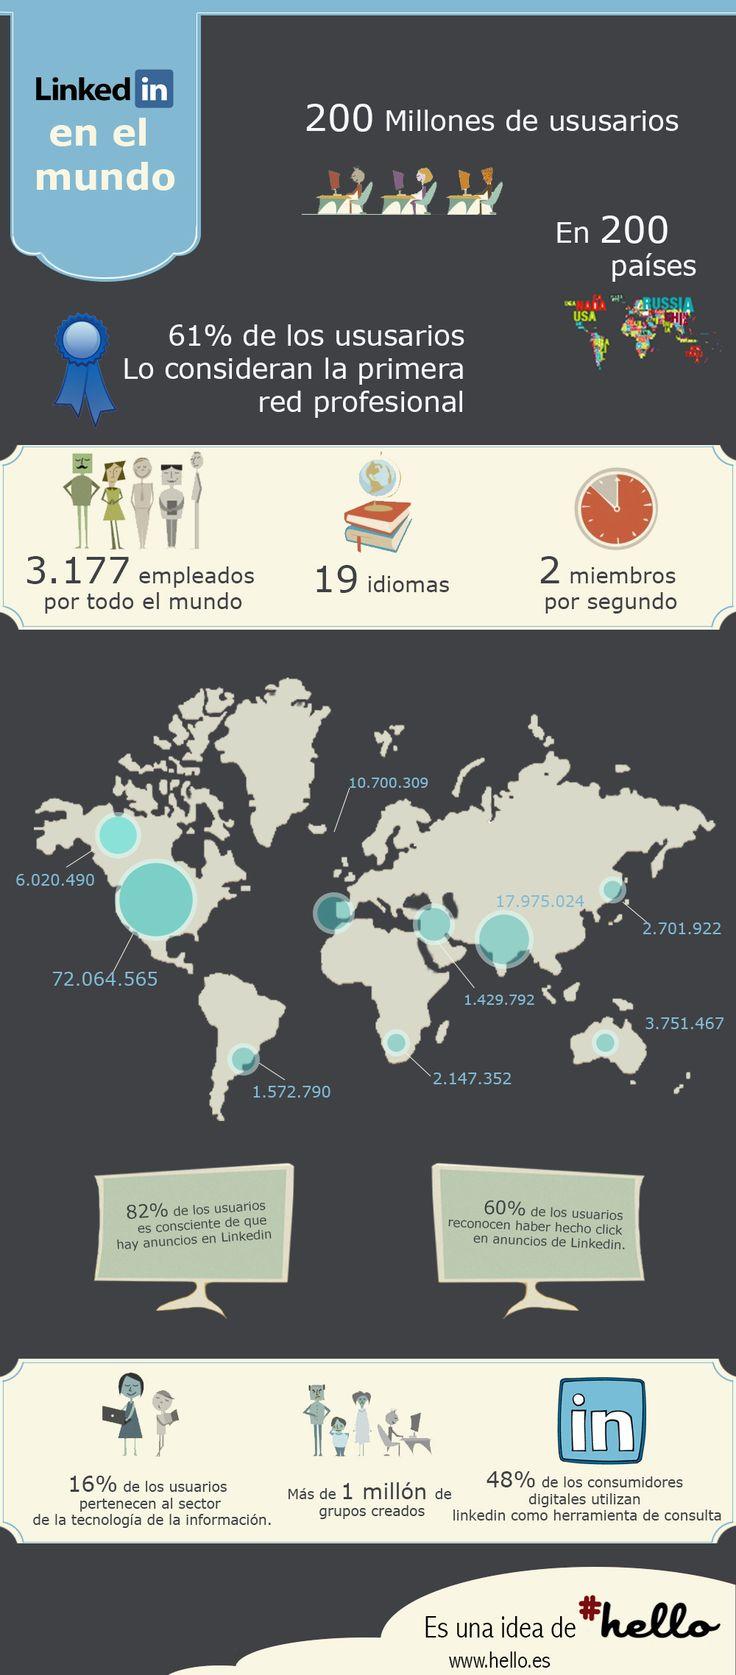 Linkedin y sus 200 millones de usuarios en el Mundo.